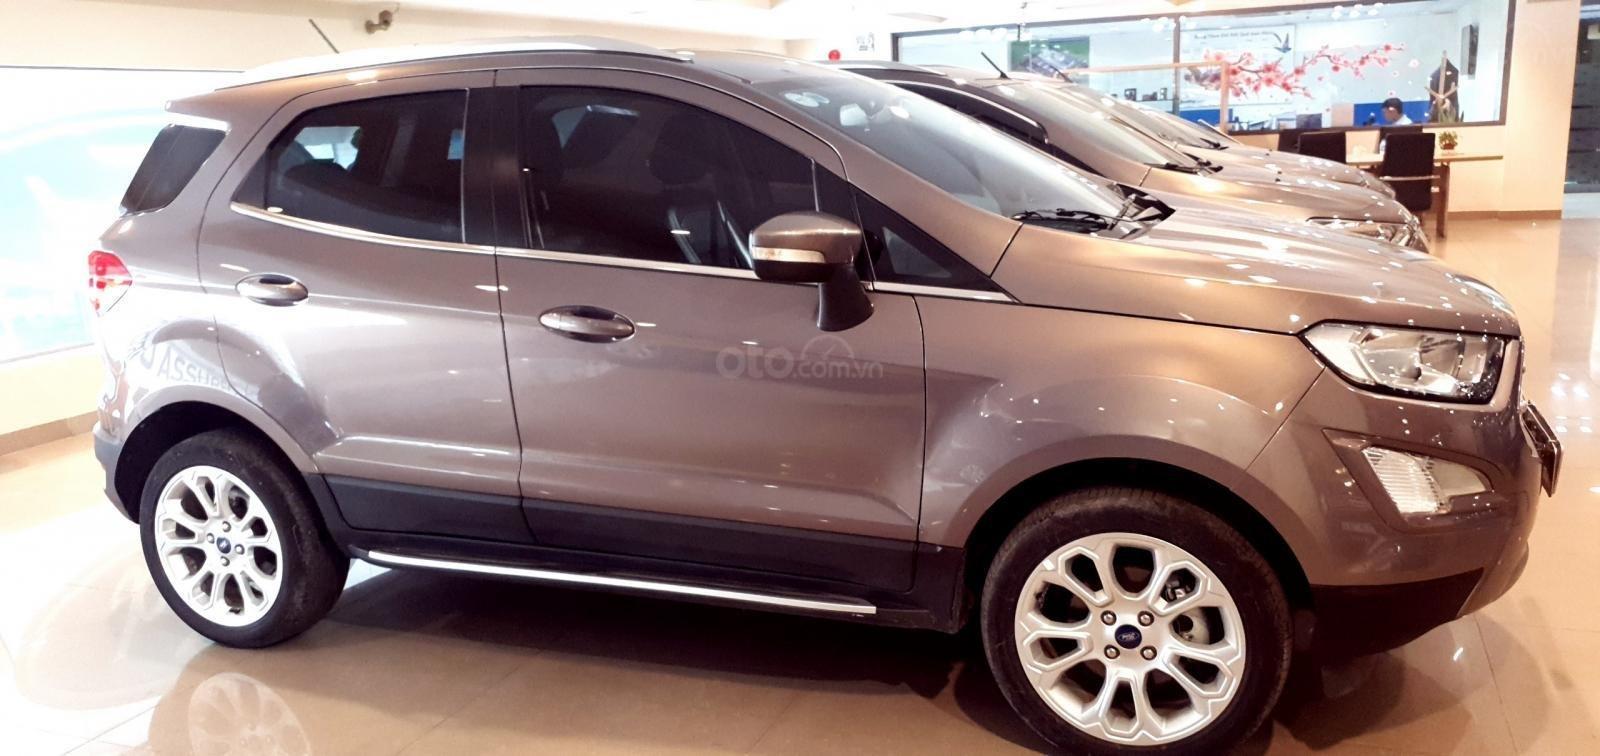 Ford Ecosport Titanium nâu 2018 xe đẹp cần tìm chủ (1)